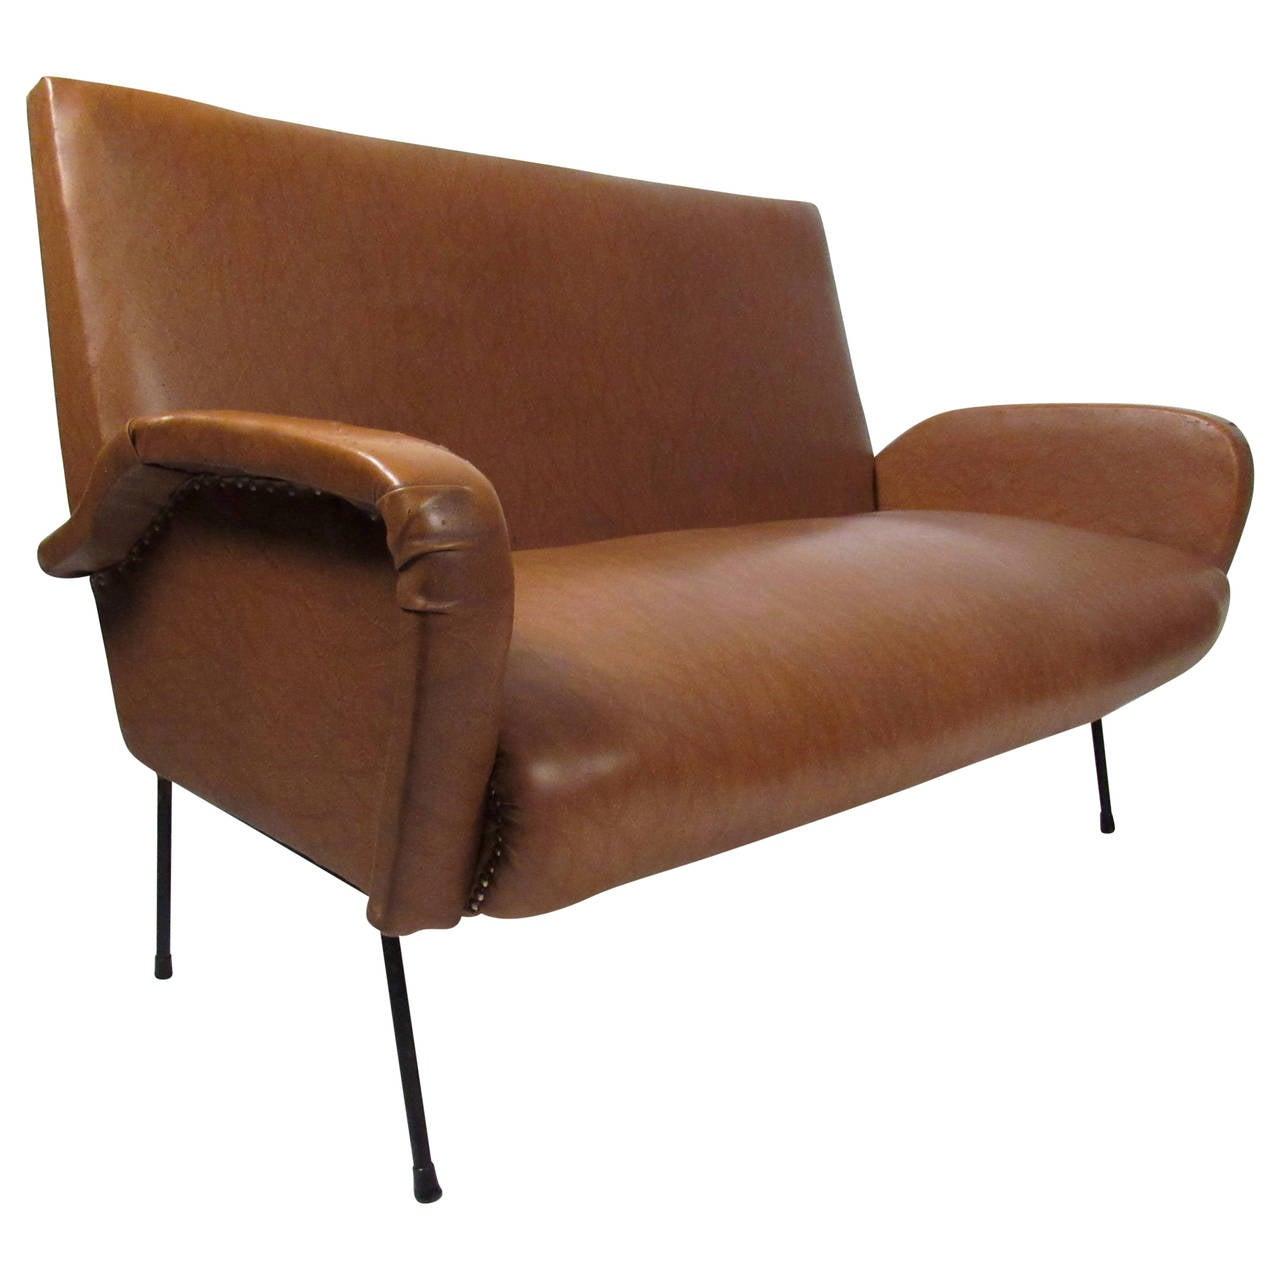 Italian Modern Two Seat Sofa